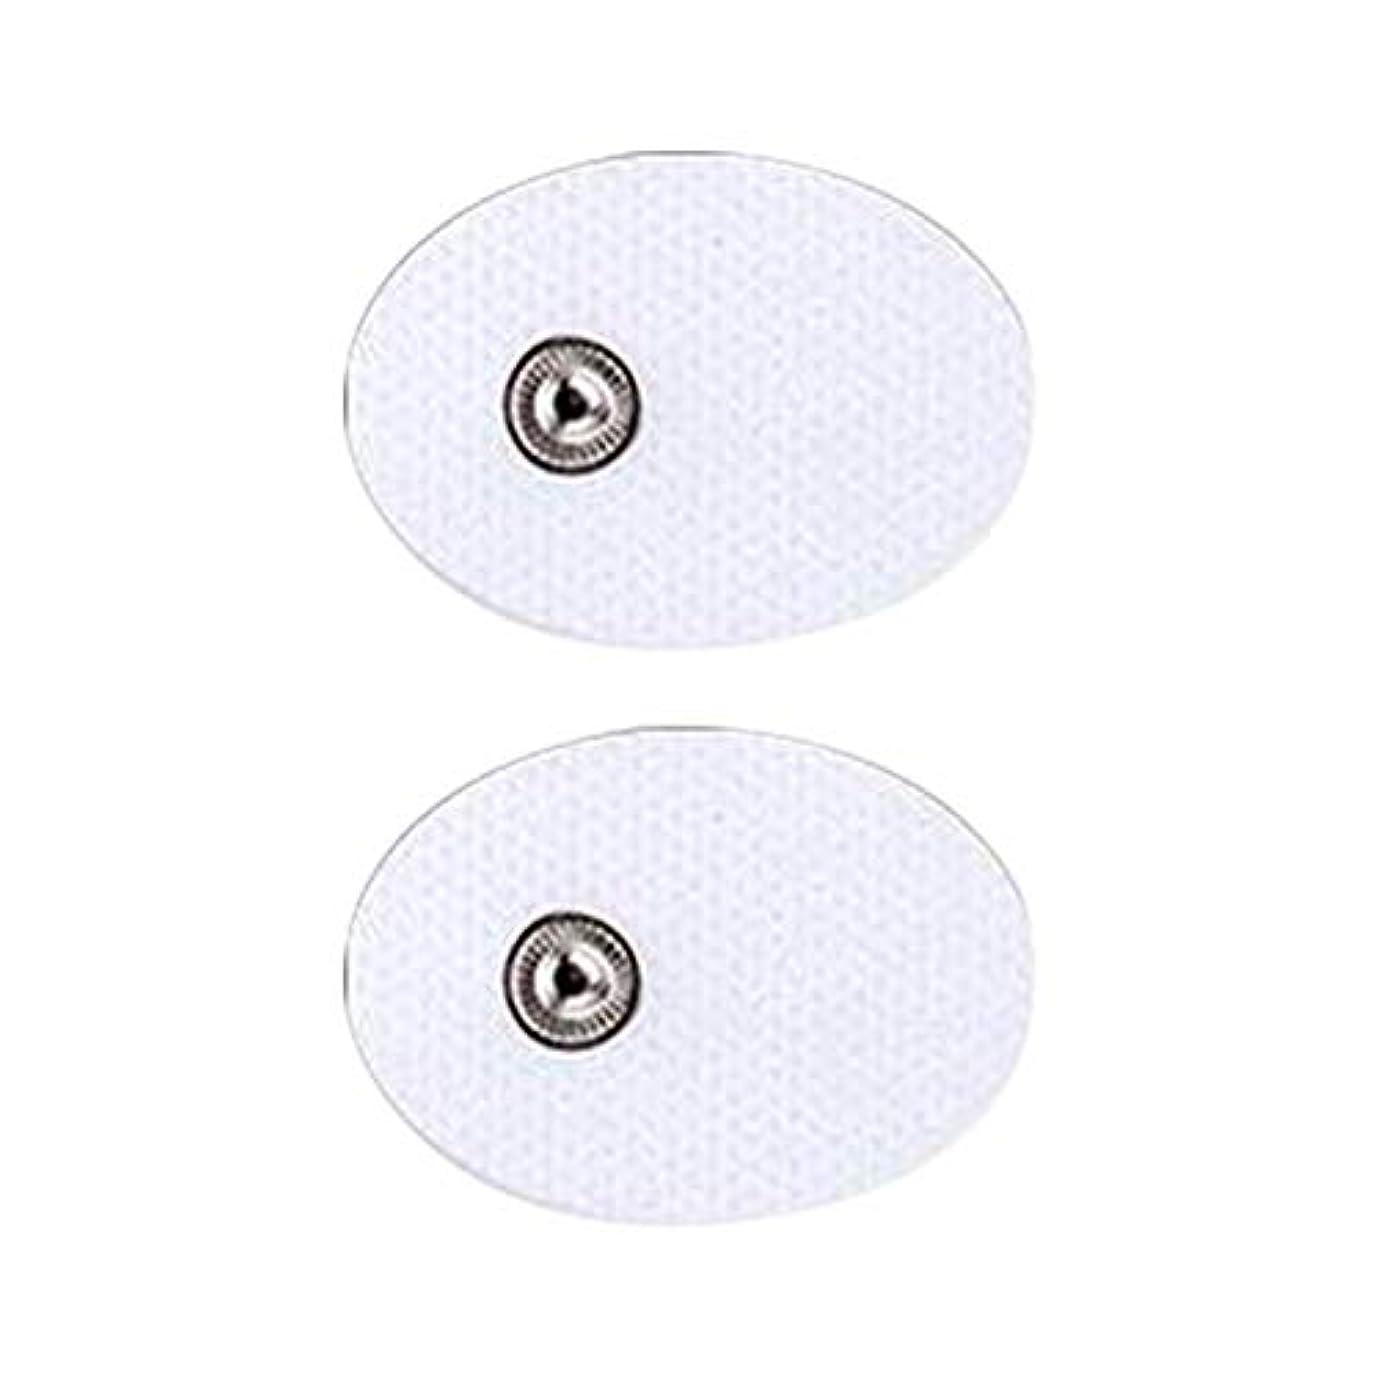 男甘味立証する電気TENS 低周波治療器 交換用パッド 迅速で効果的に痛み緩和治療デバイス 全身用電気デジタルパルス刺激マッサージャー 2個 /セット (2A)